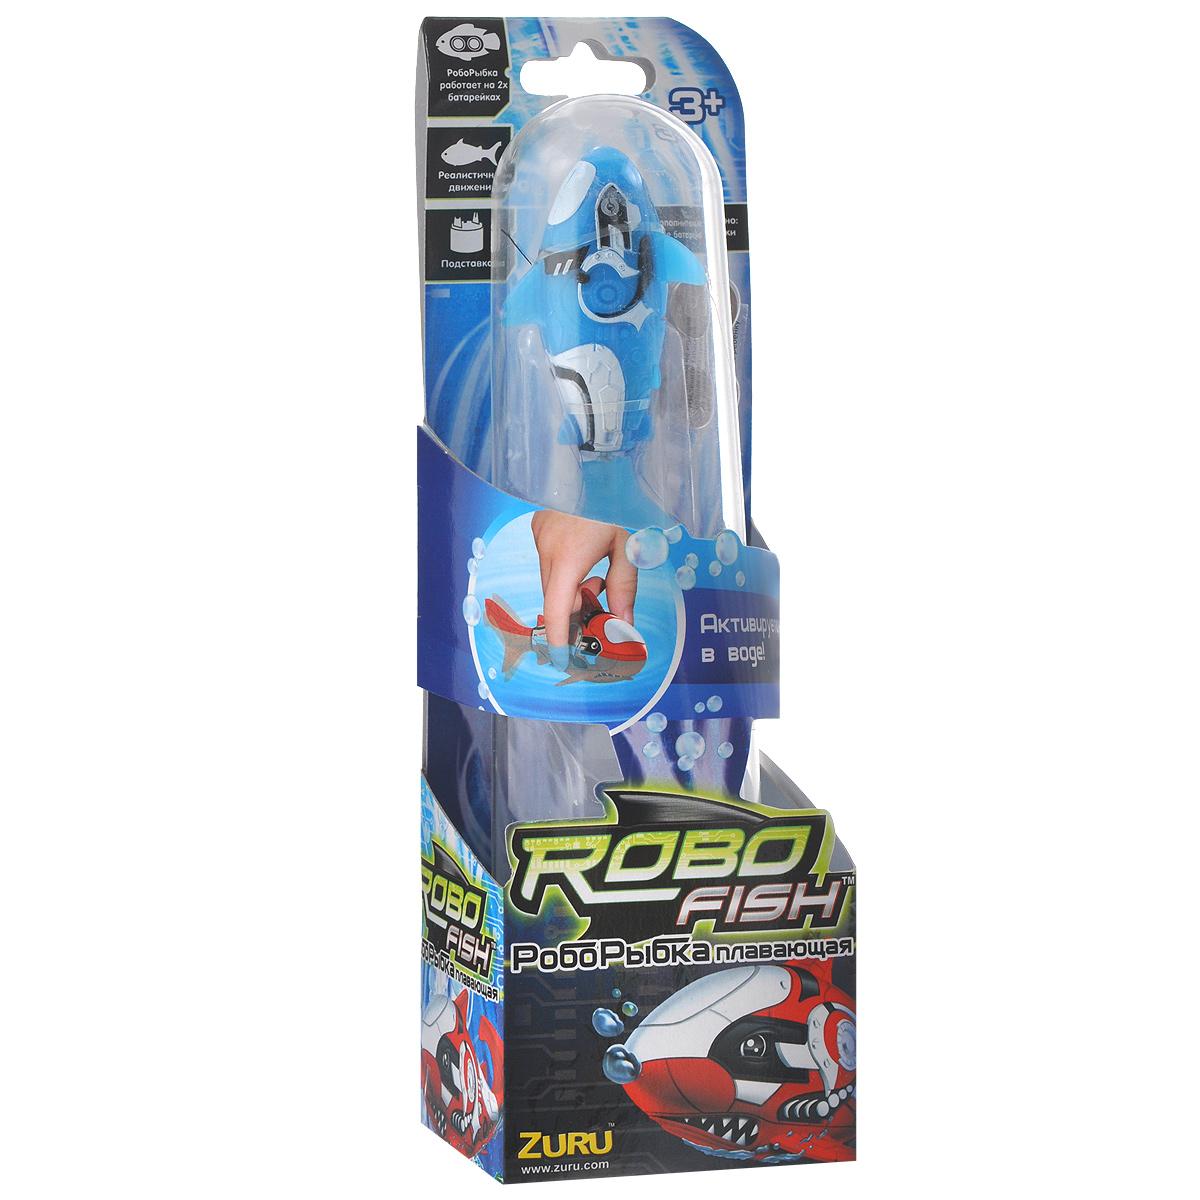 Игрушка для ванны Robofish РобоРыбка: Акула, цвет: голубой2501-6Игрушка для ванны Robofish РобоРыбка: Акула понравится вашему малышу и превратит купание в веселую игру. Она выполнена из безопасного пластика с элементами металла в виде маленькой красочной акулы. При погружении в ванну, аквариум или другую емкостью с водой РобоРыбка начинает плавать, опускаясь ко дну и поднимаясь к поверхности воды. Акула прекрасно имитирует повадки настоящей рыбы. Траектория ее движения зависит от наклона хвоста. Внутри рыбки находится специальный грузик, регулирующий глубину ее погружения. Если рыбка плавает на дне, не всплывая, - уберите грузик; если на поверхности - добавьте грузик. Набор включает подставку, на которой можно разместить рыбку, пока вы с ней не играете. Порадуйте вашего ребенка таким замечательным подарком! Игрушка работает от 2 батарей напряжением 1,5V типа LR44 (2 установлены в игрушку и 2 запасные).